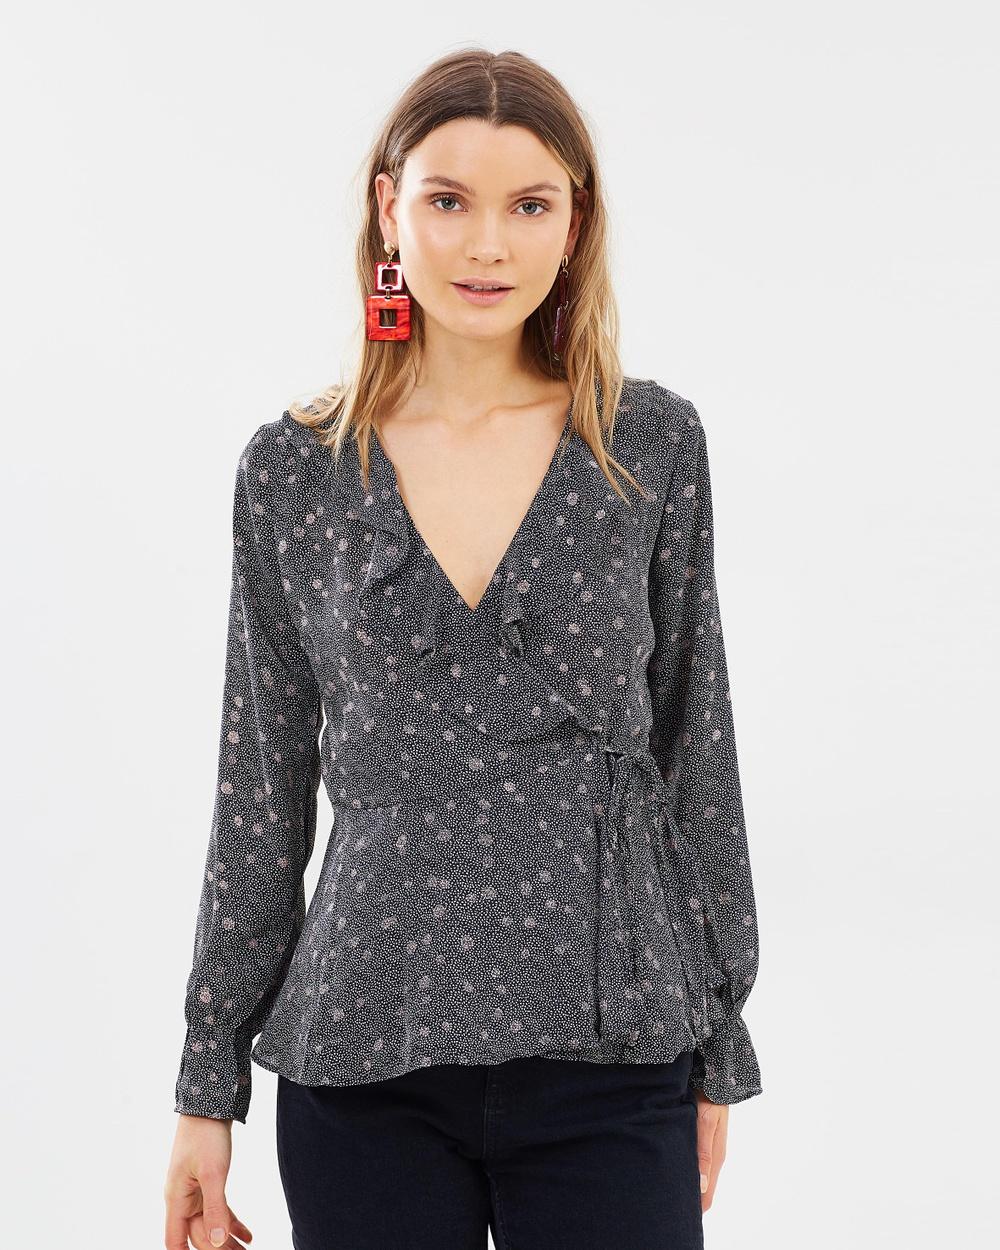 Vero Moda Ciao Long Sleeve Wrap Shirt Tops Black Ciao Long Sleeve Wrap Shirt